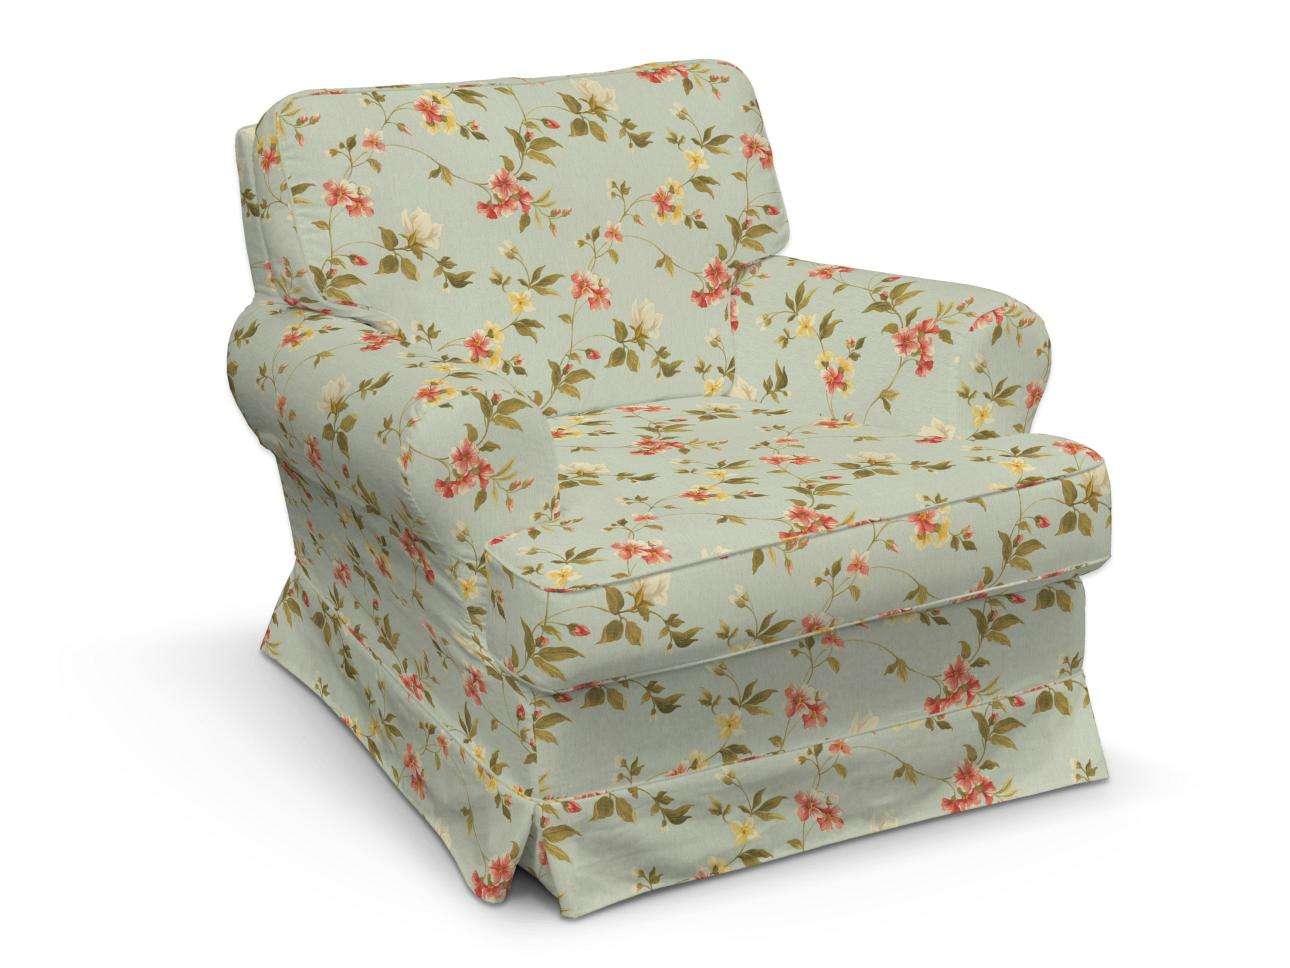 Pokrowiec na fotel Barkaby fotel Barkaby w kolekcji Londres, tkanina: 124-65